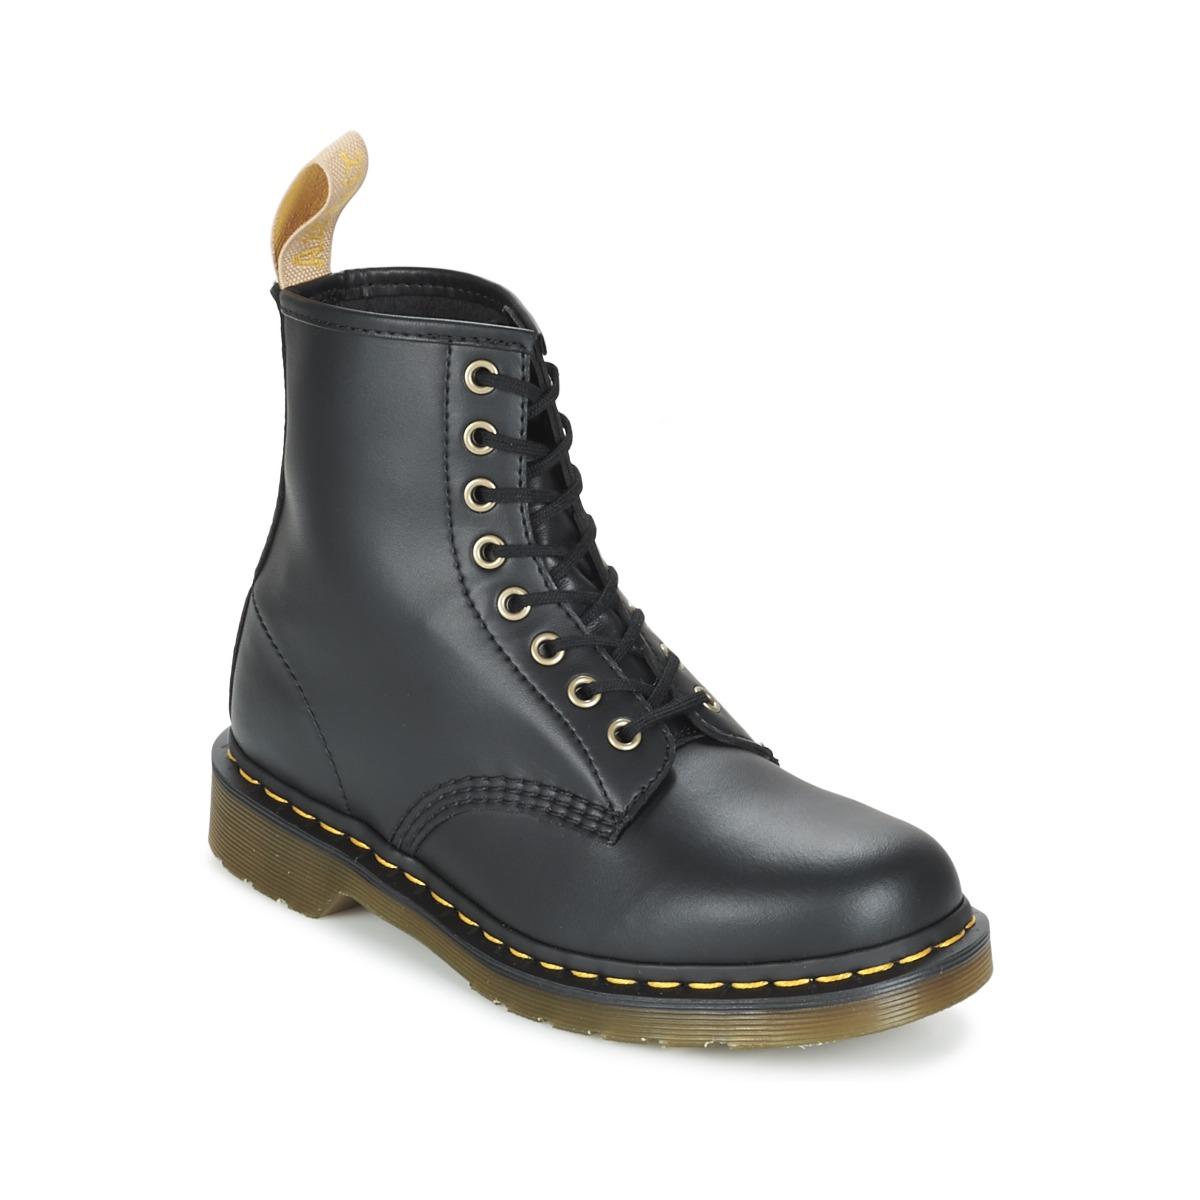 Vegan Dr Martens Shoes Uk